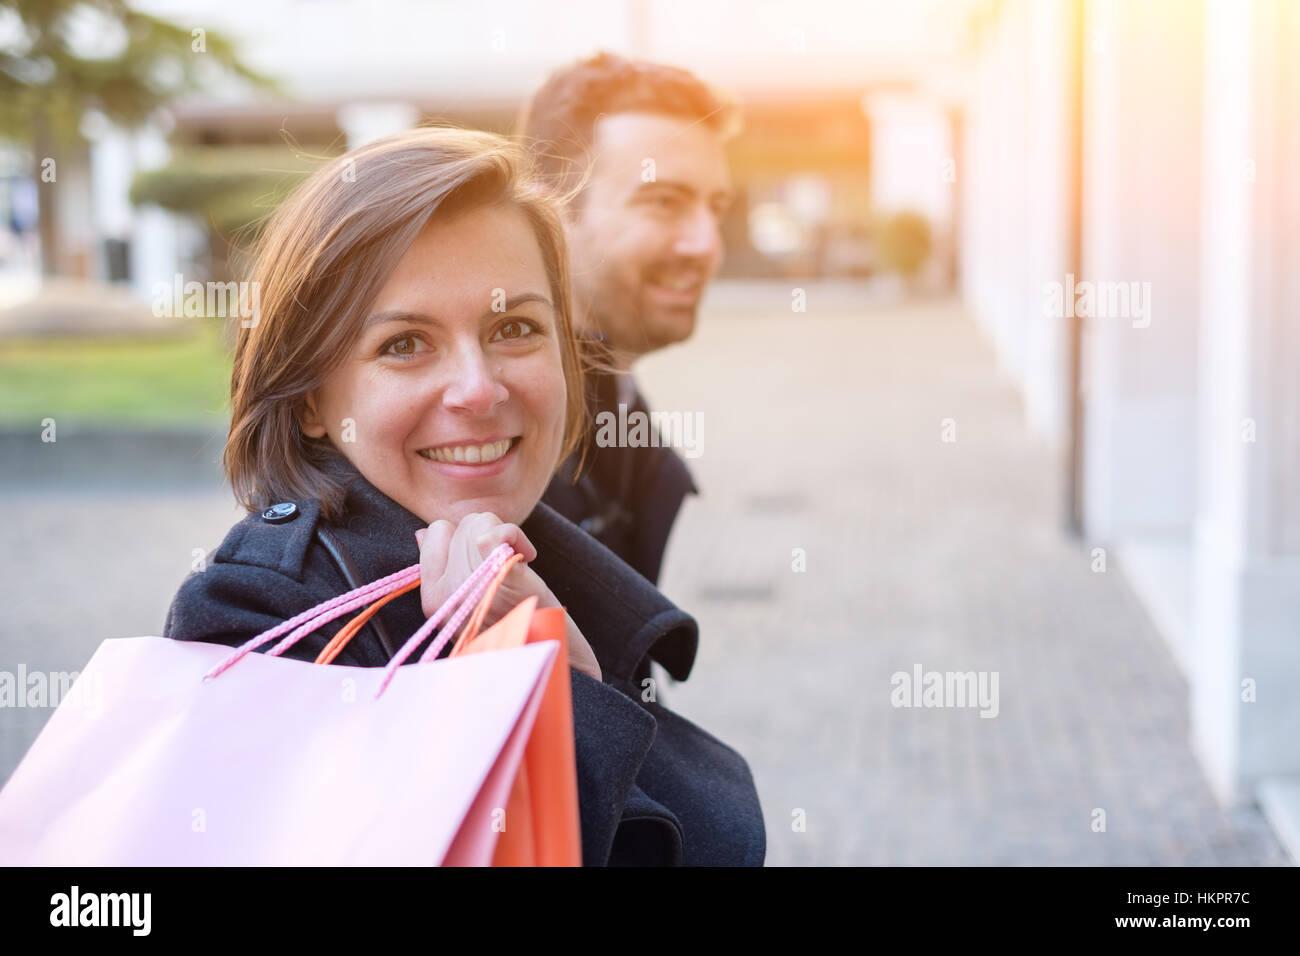 Matura in tempo di shopping a piedi in strada di città Immagini Stock